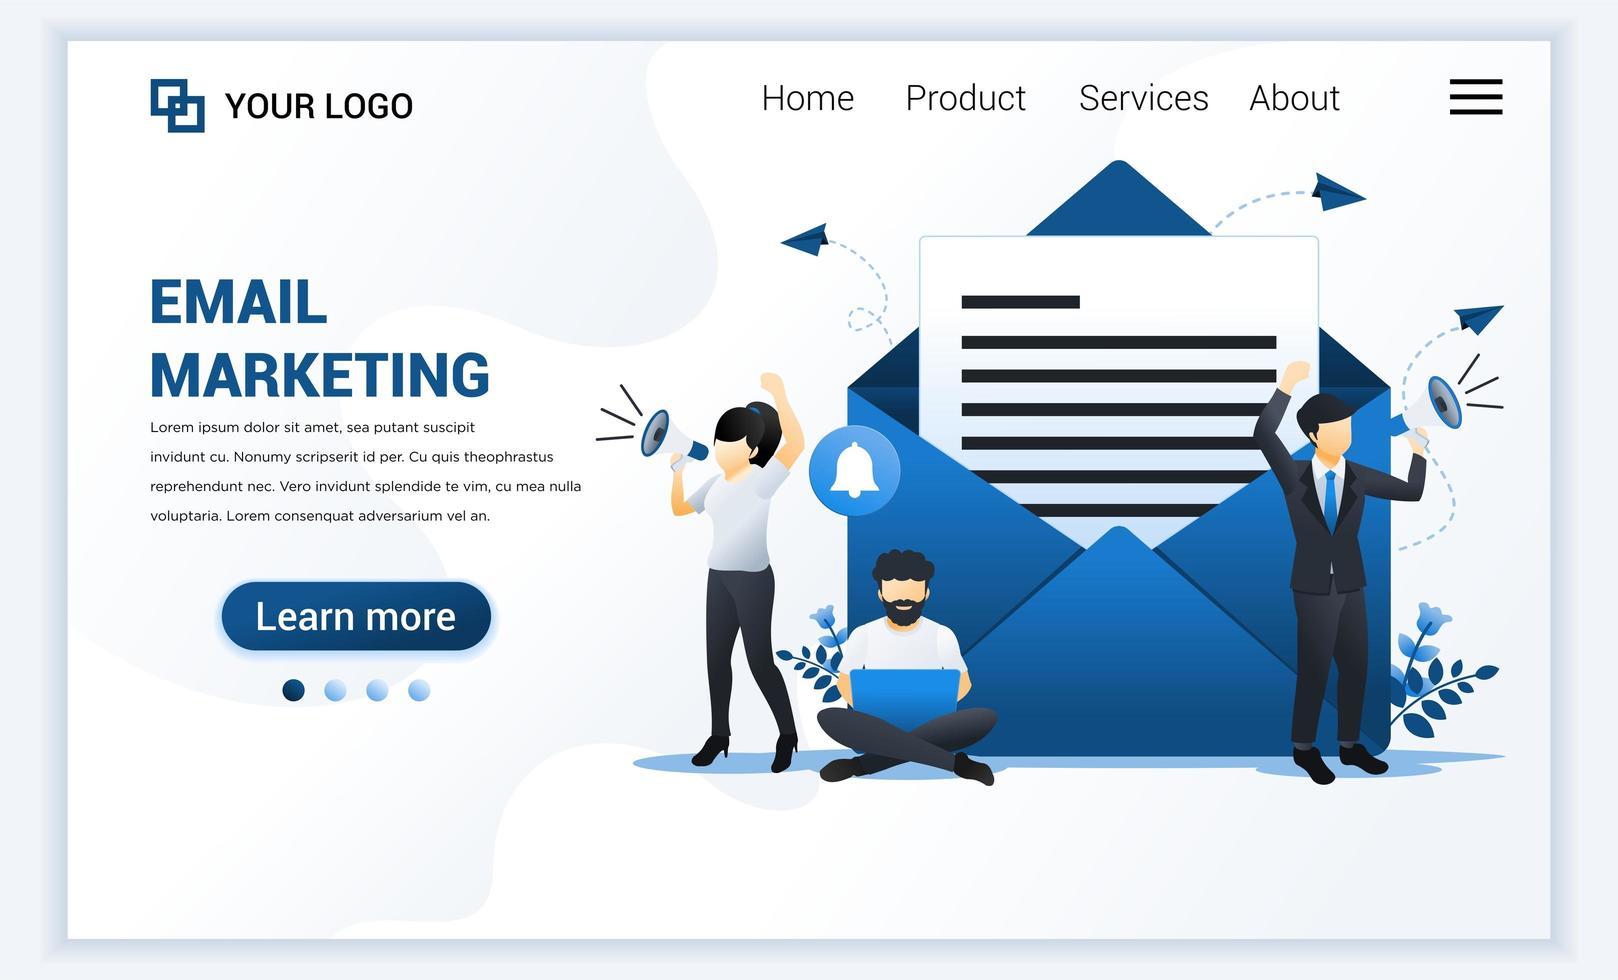 målsidesmall för e-postmarknadsföringstjänster med affärsman som ropar på megafon för marknadsföring. modernt platt webbdesignkoncept för webbplats och mobilwebbplats. vektor illustration